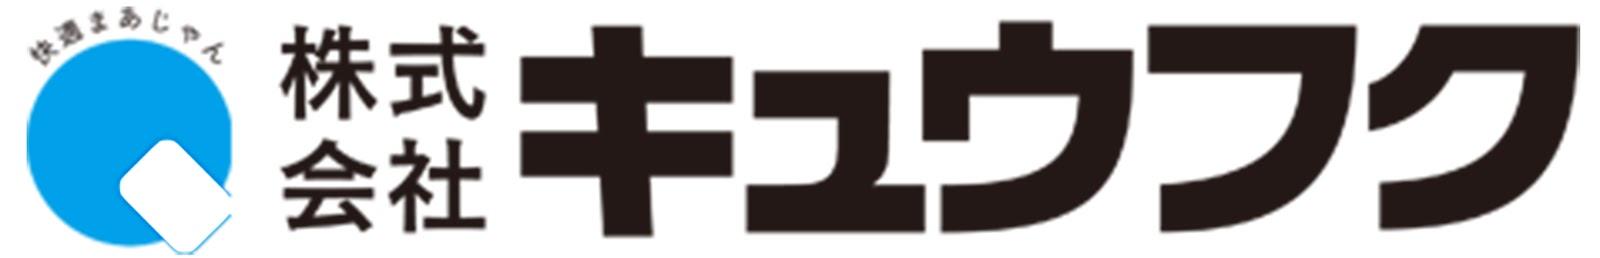 株式会社キュウフクのロゴ画像